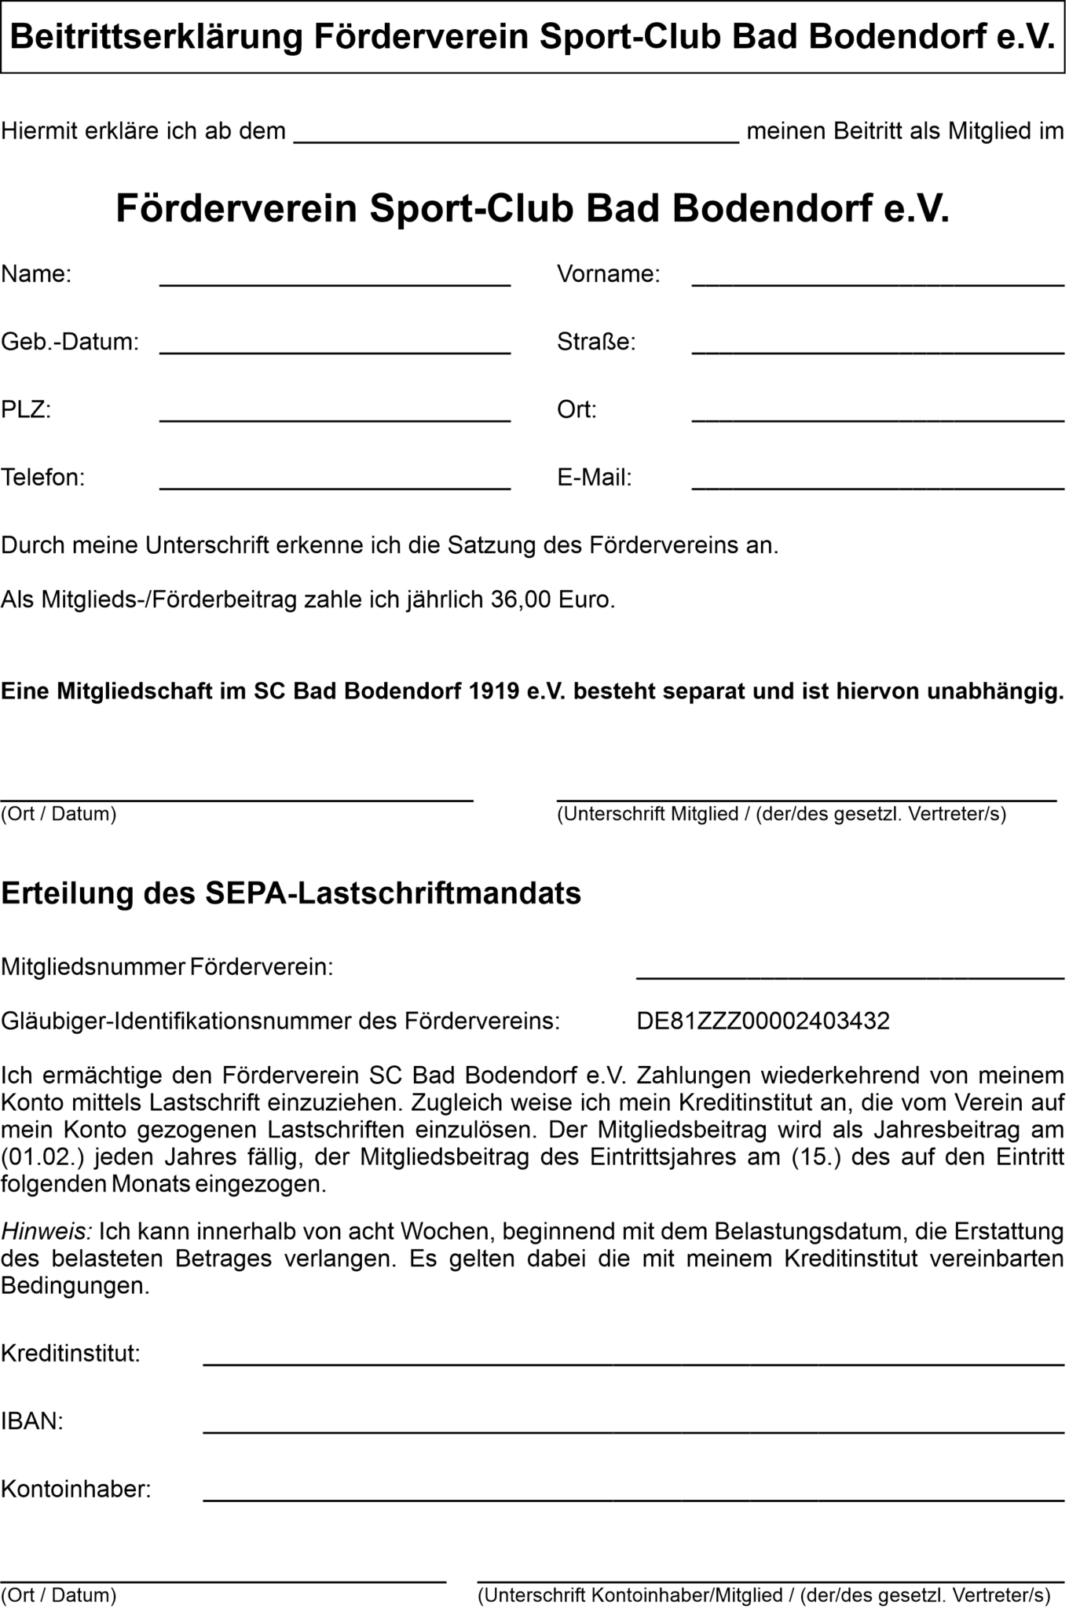 Beitrittserklärung Förderverein Stand060421